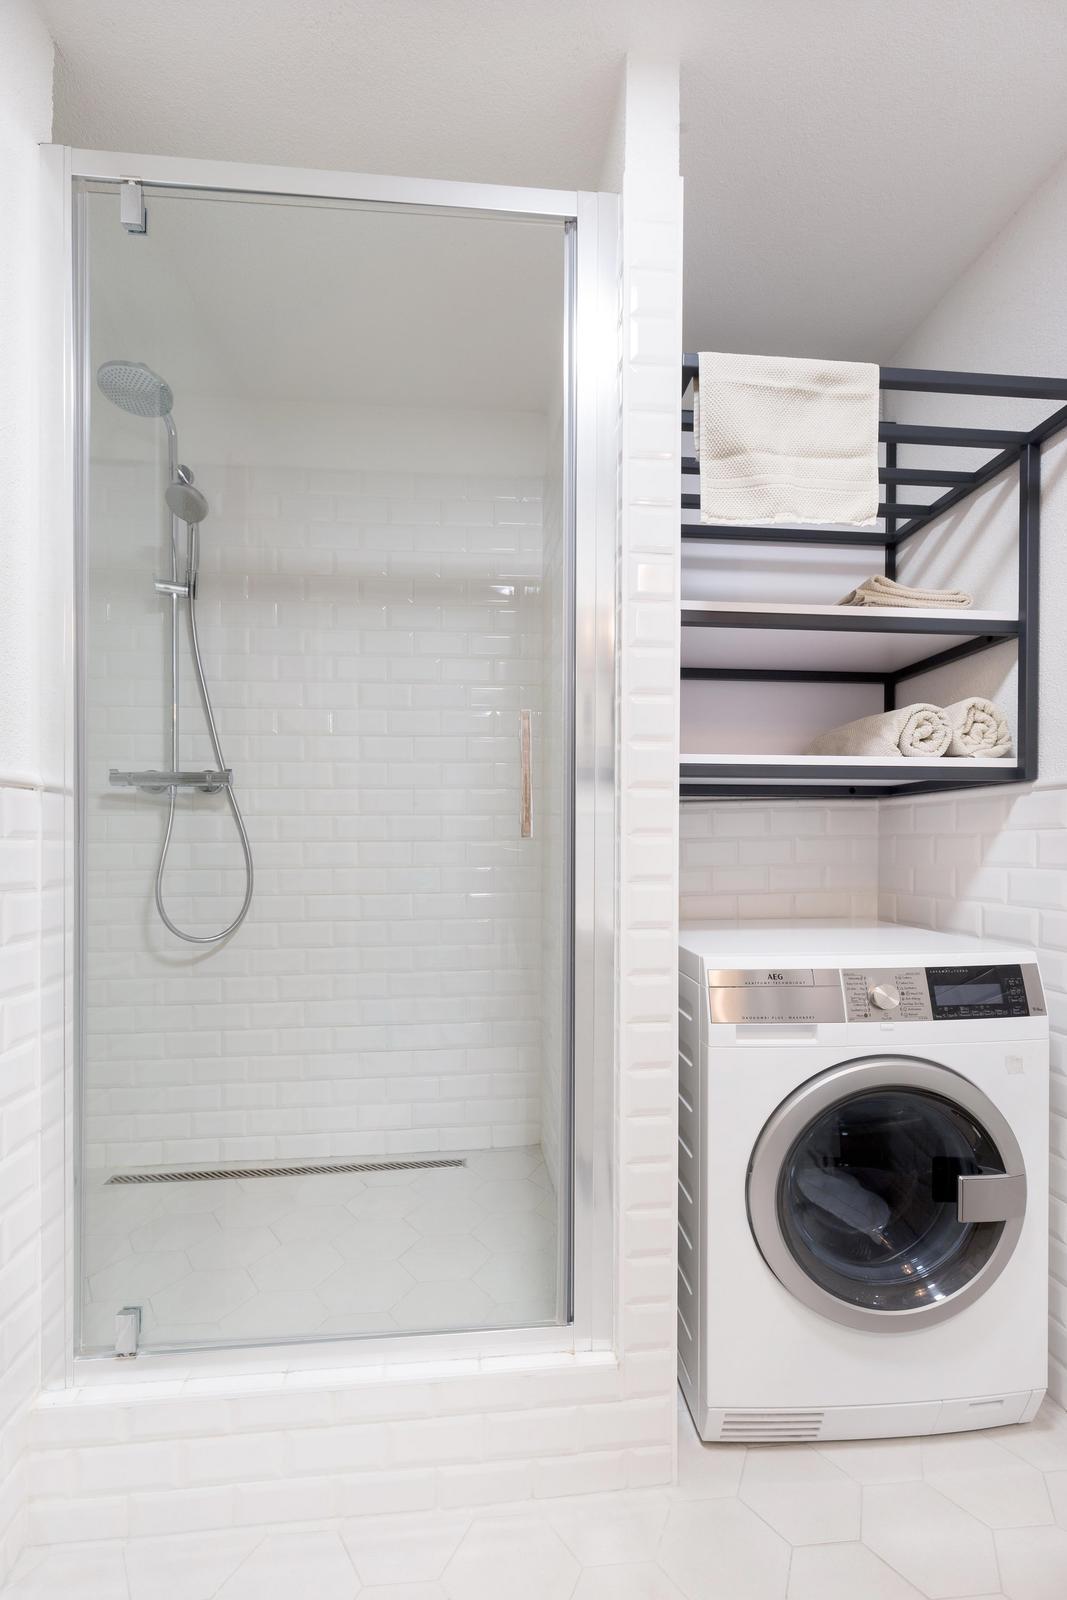 Náš zrealizovaný interiér bytu v Banskej Bystrici sme prihlásili do súťaže INTERIÉR ROKU 2017 - sprchový kút v kúpeľni